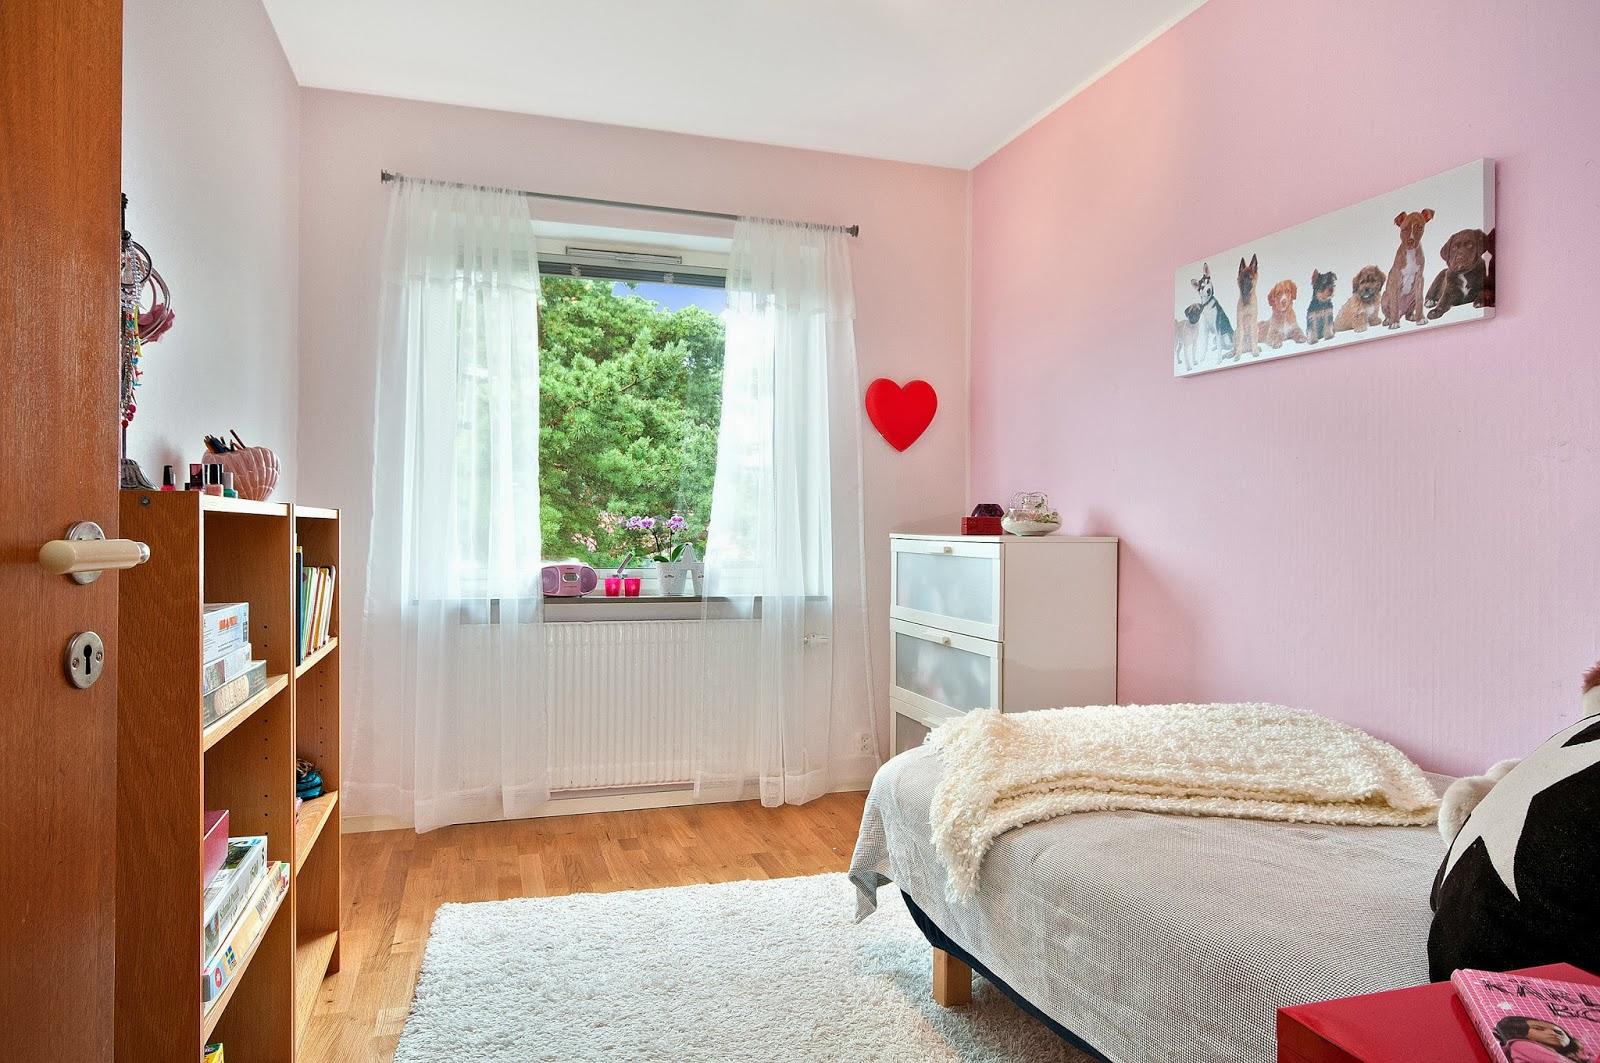 Vår nya lya: så här såg lägenheten ut när vi sålde den!